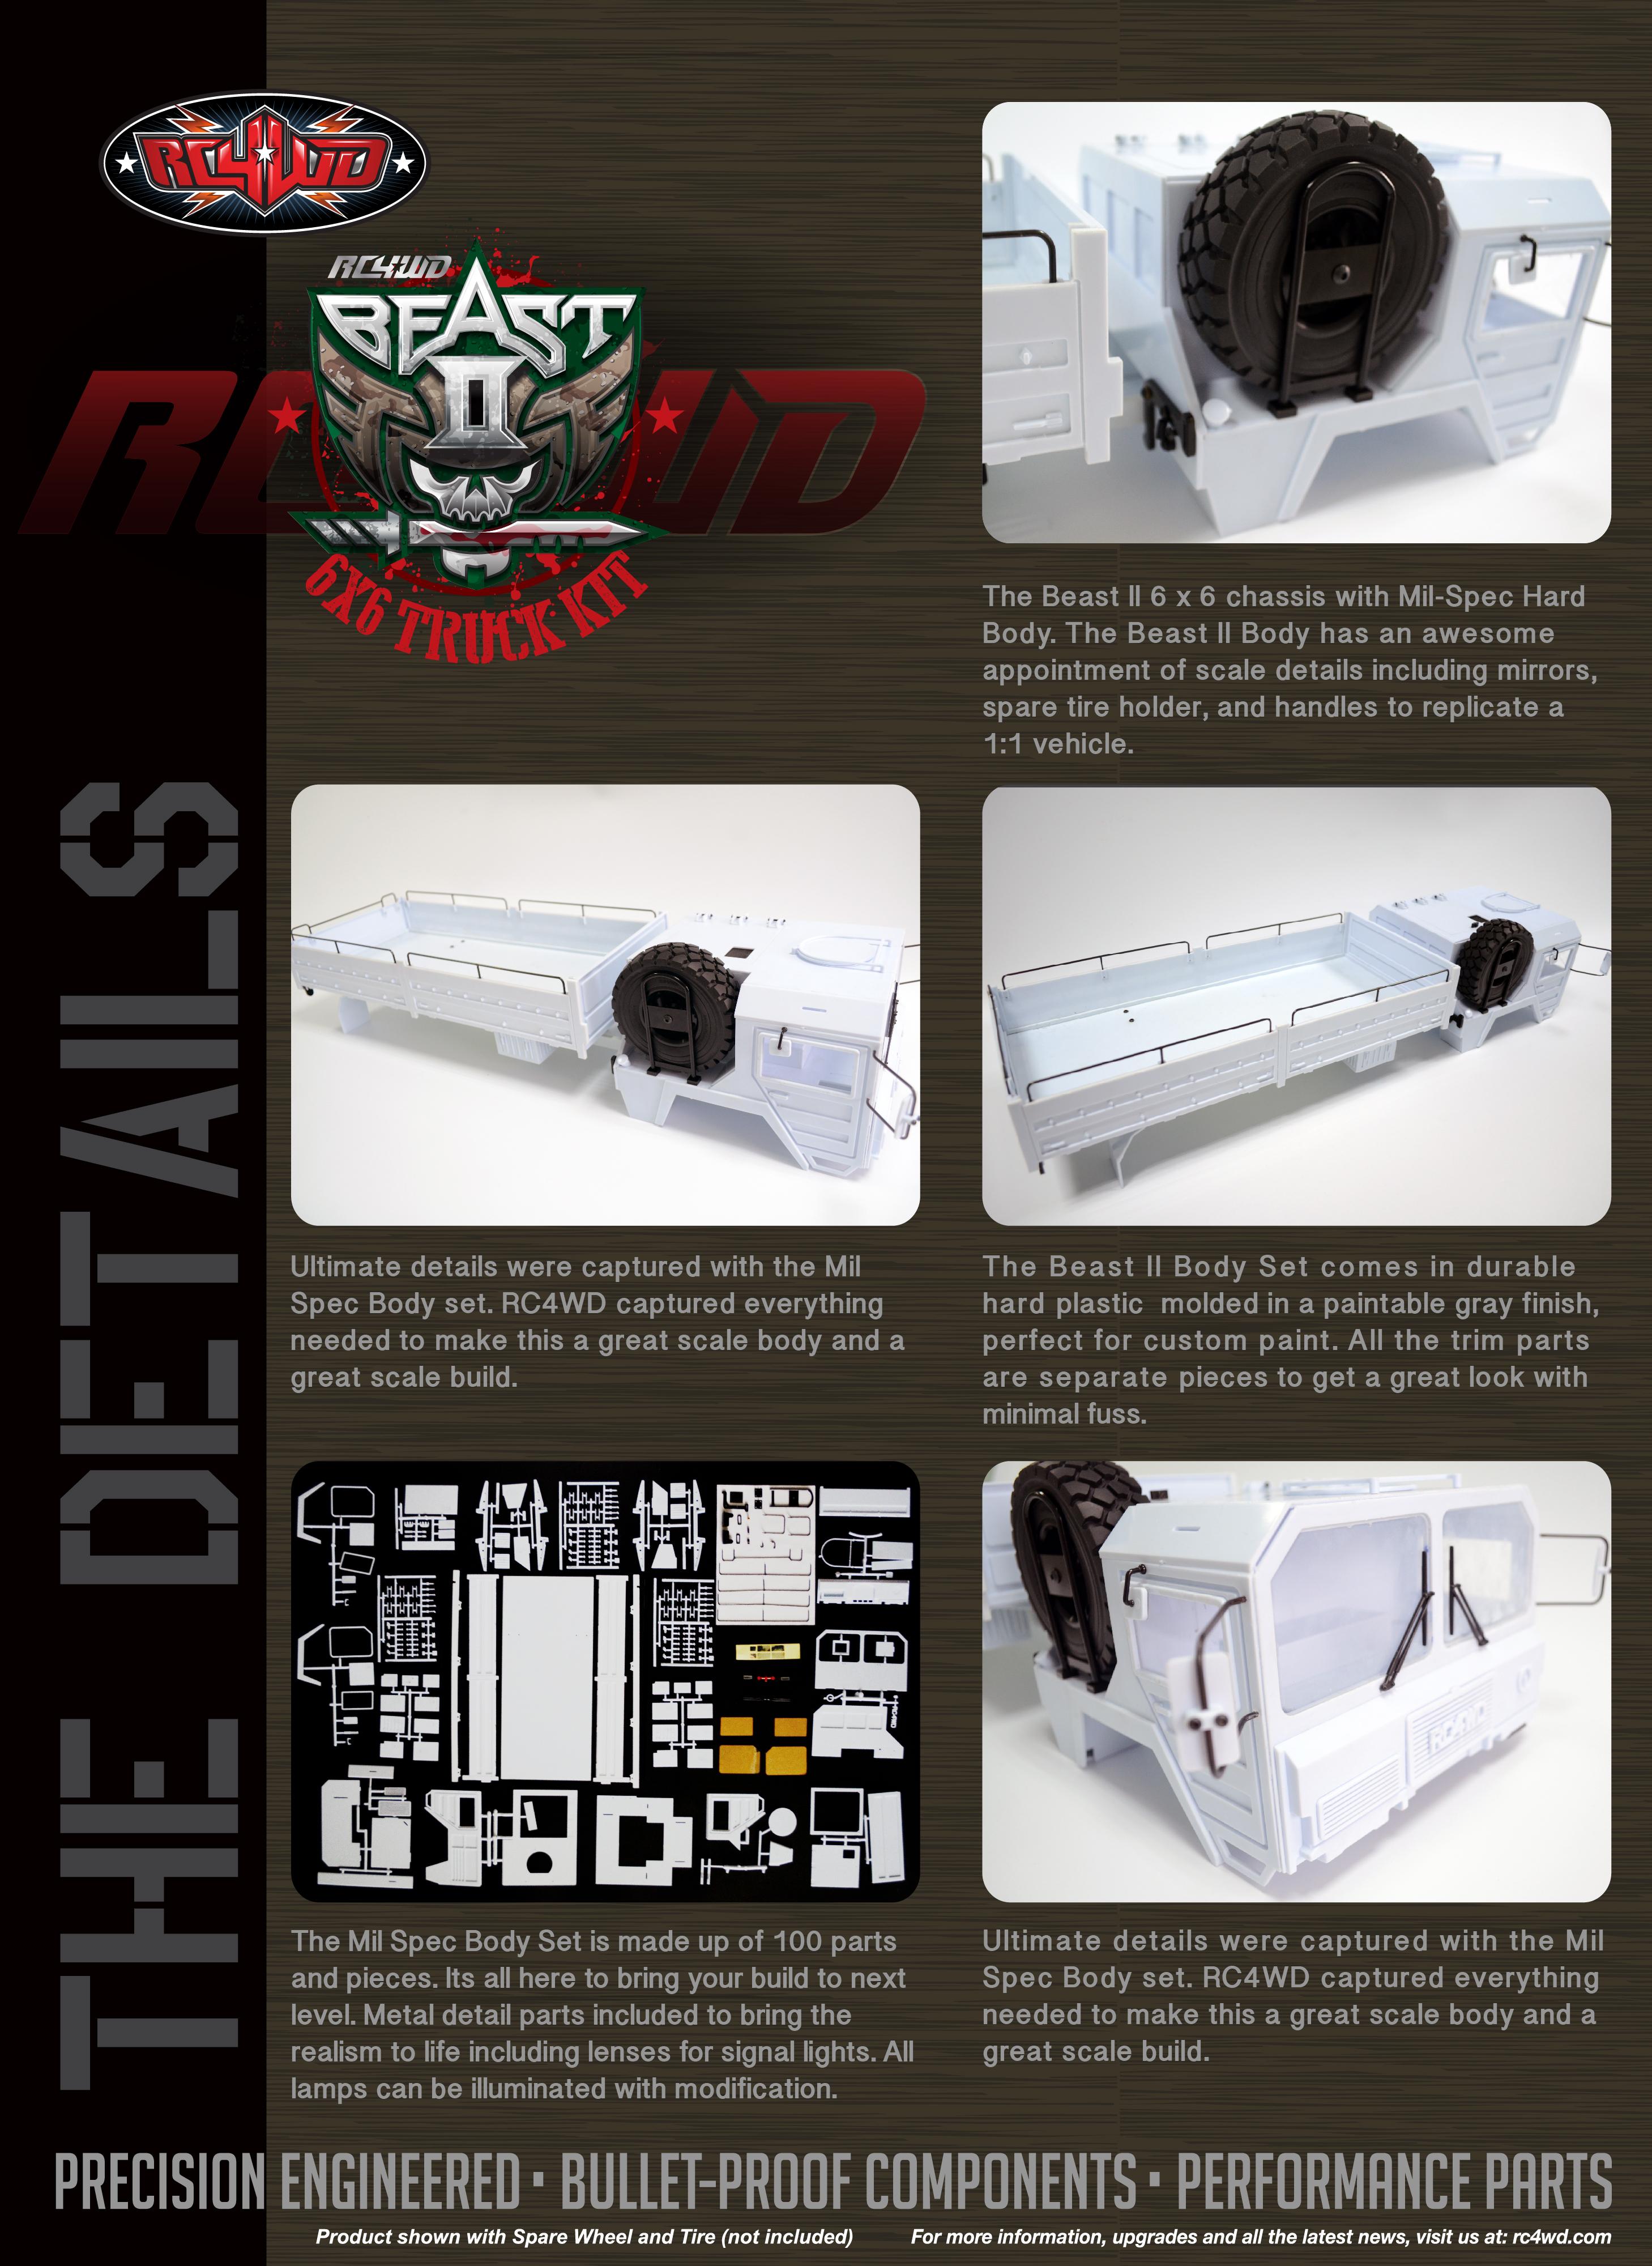 http://www.beadlok.com/product/images/ASD/Z-K0052/Z-K0052-5.jpg